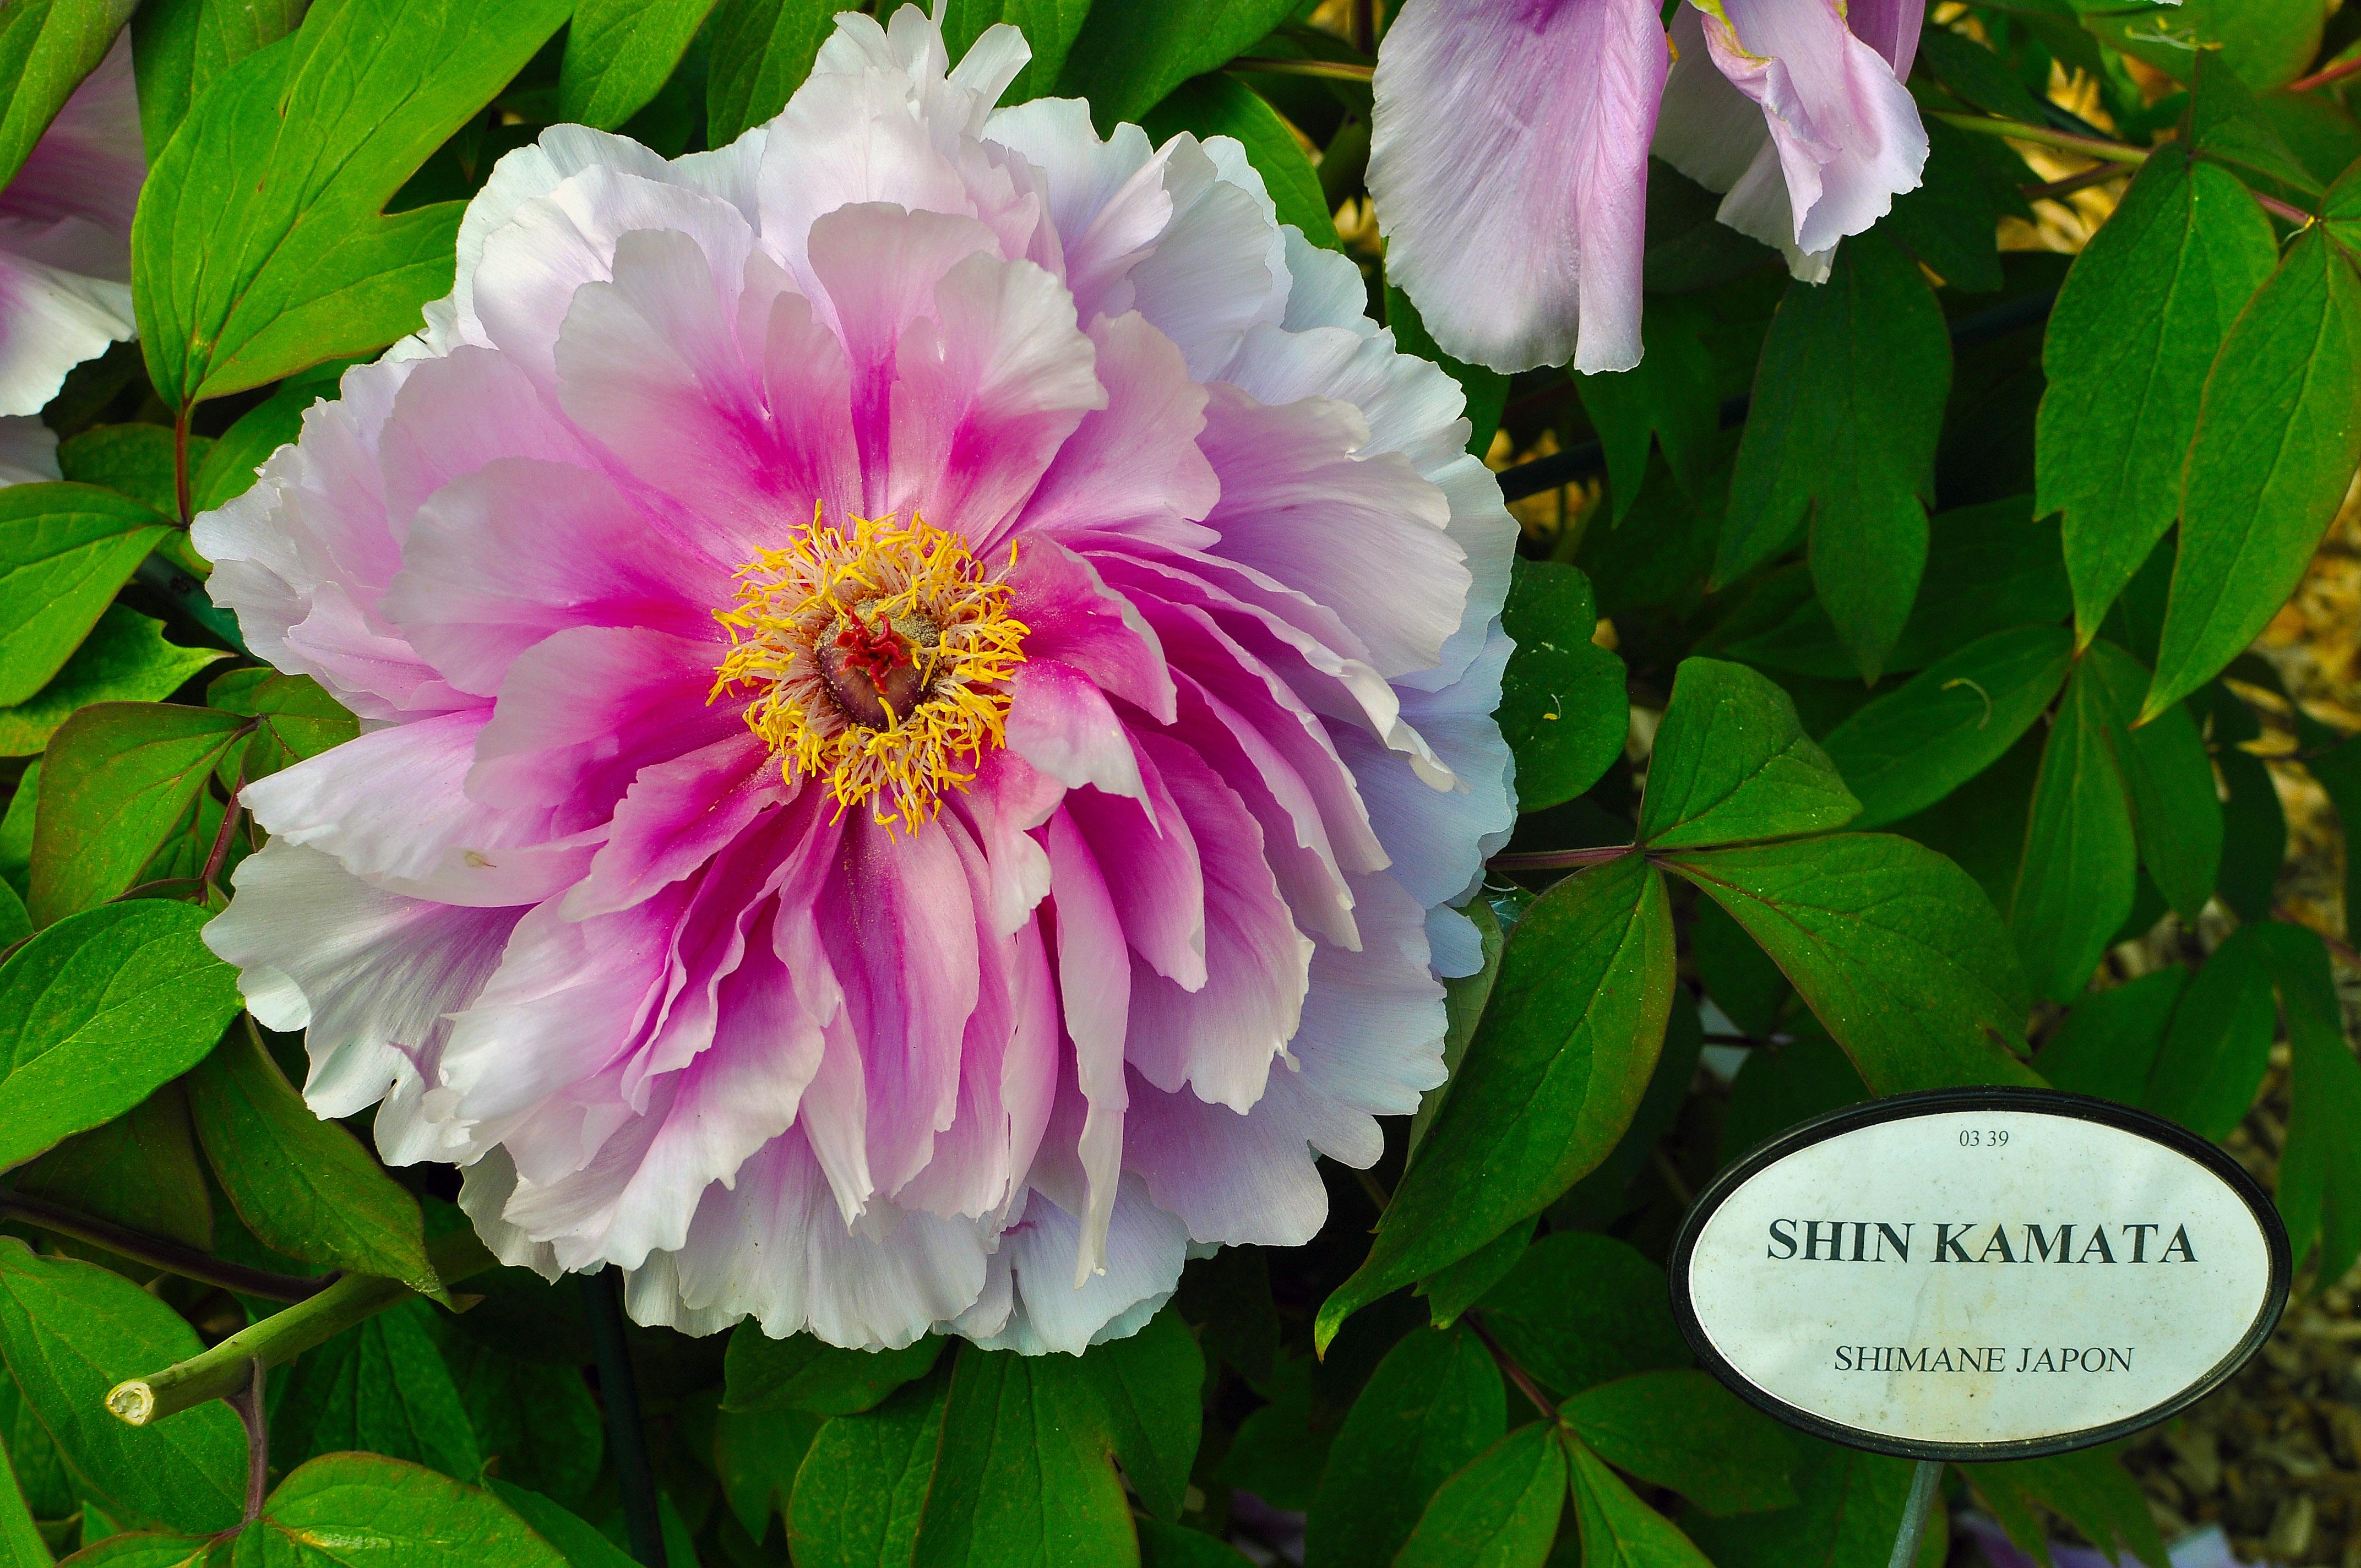 file paeonia suffruticosa 39 shin kamata 39 in the jardin de bagatelle paris wikimedia. Black Bedroom Furniture Sets. Home Design Ideas